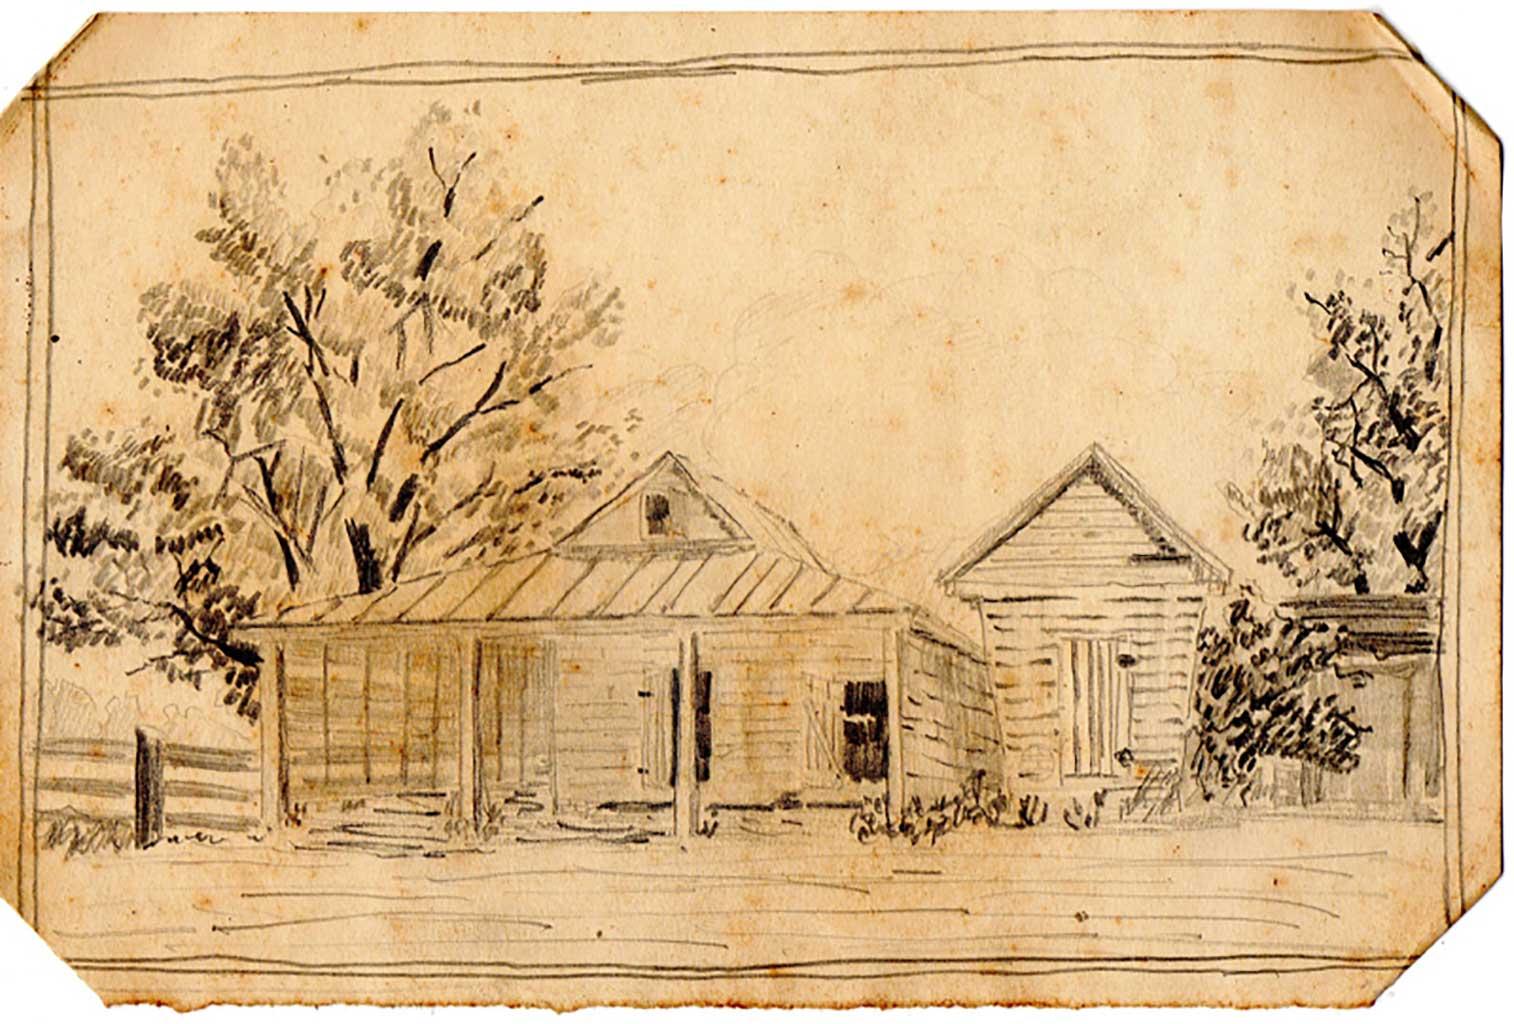 pencil-sketch-of-moores-store